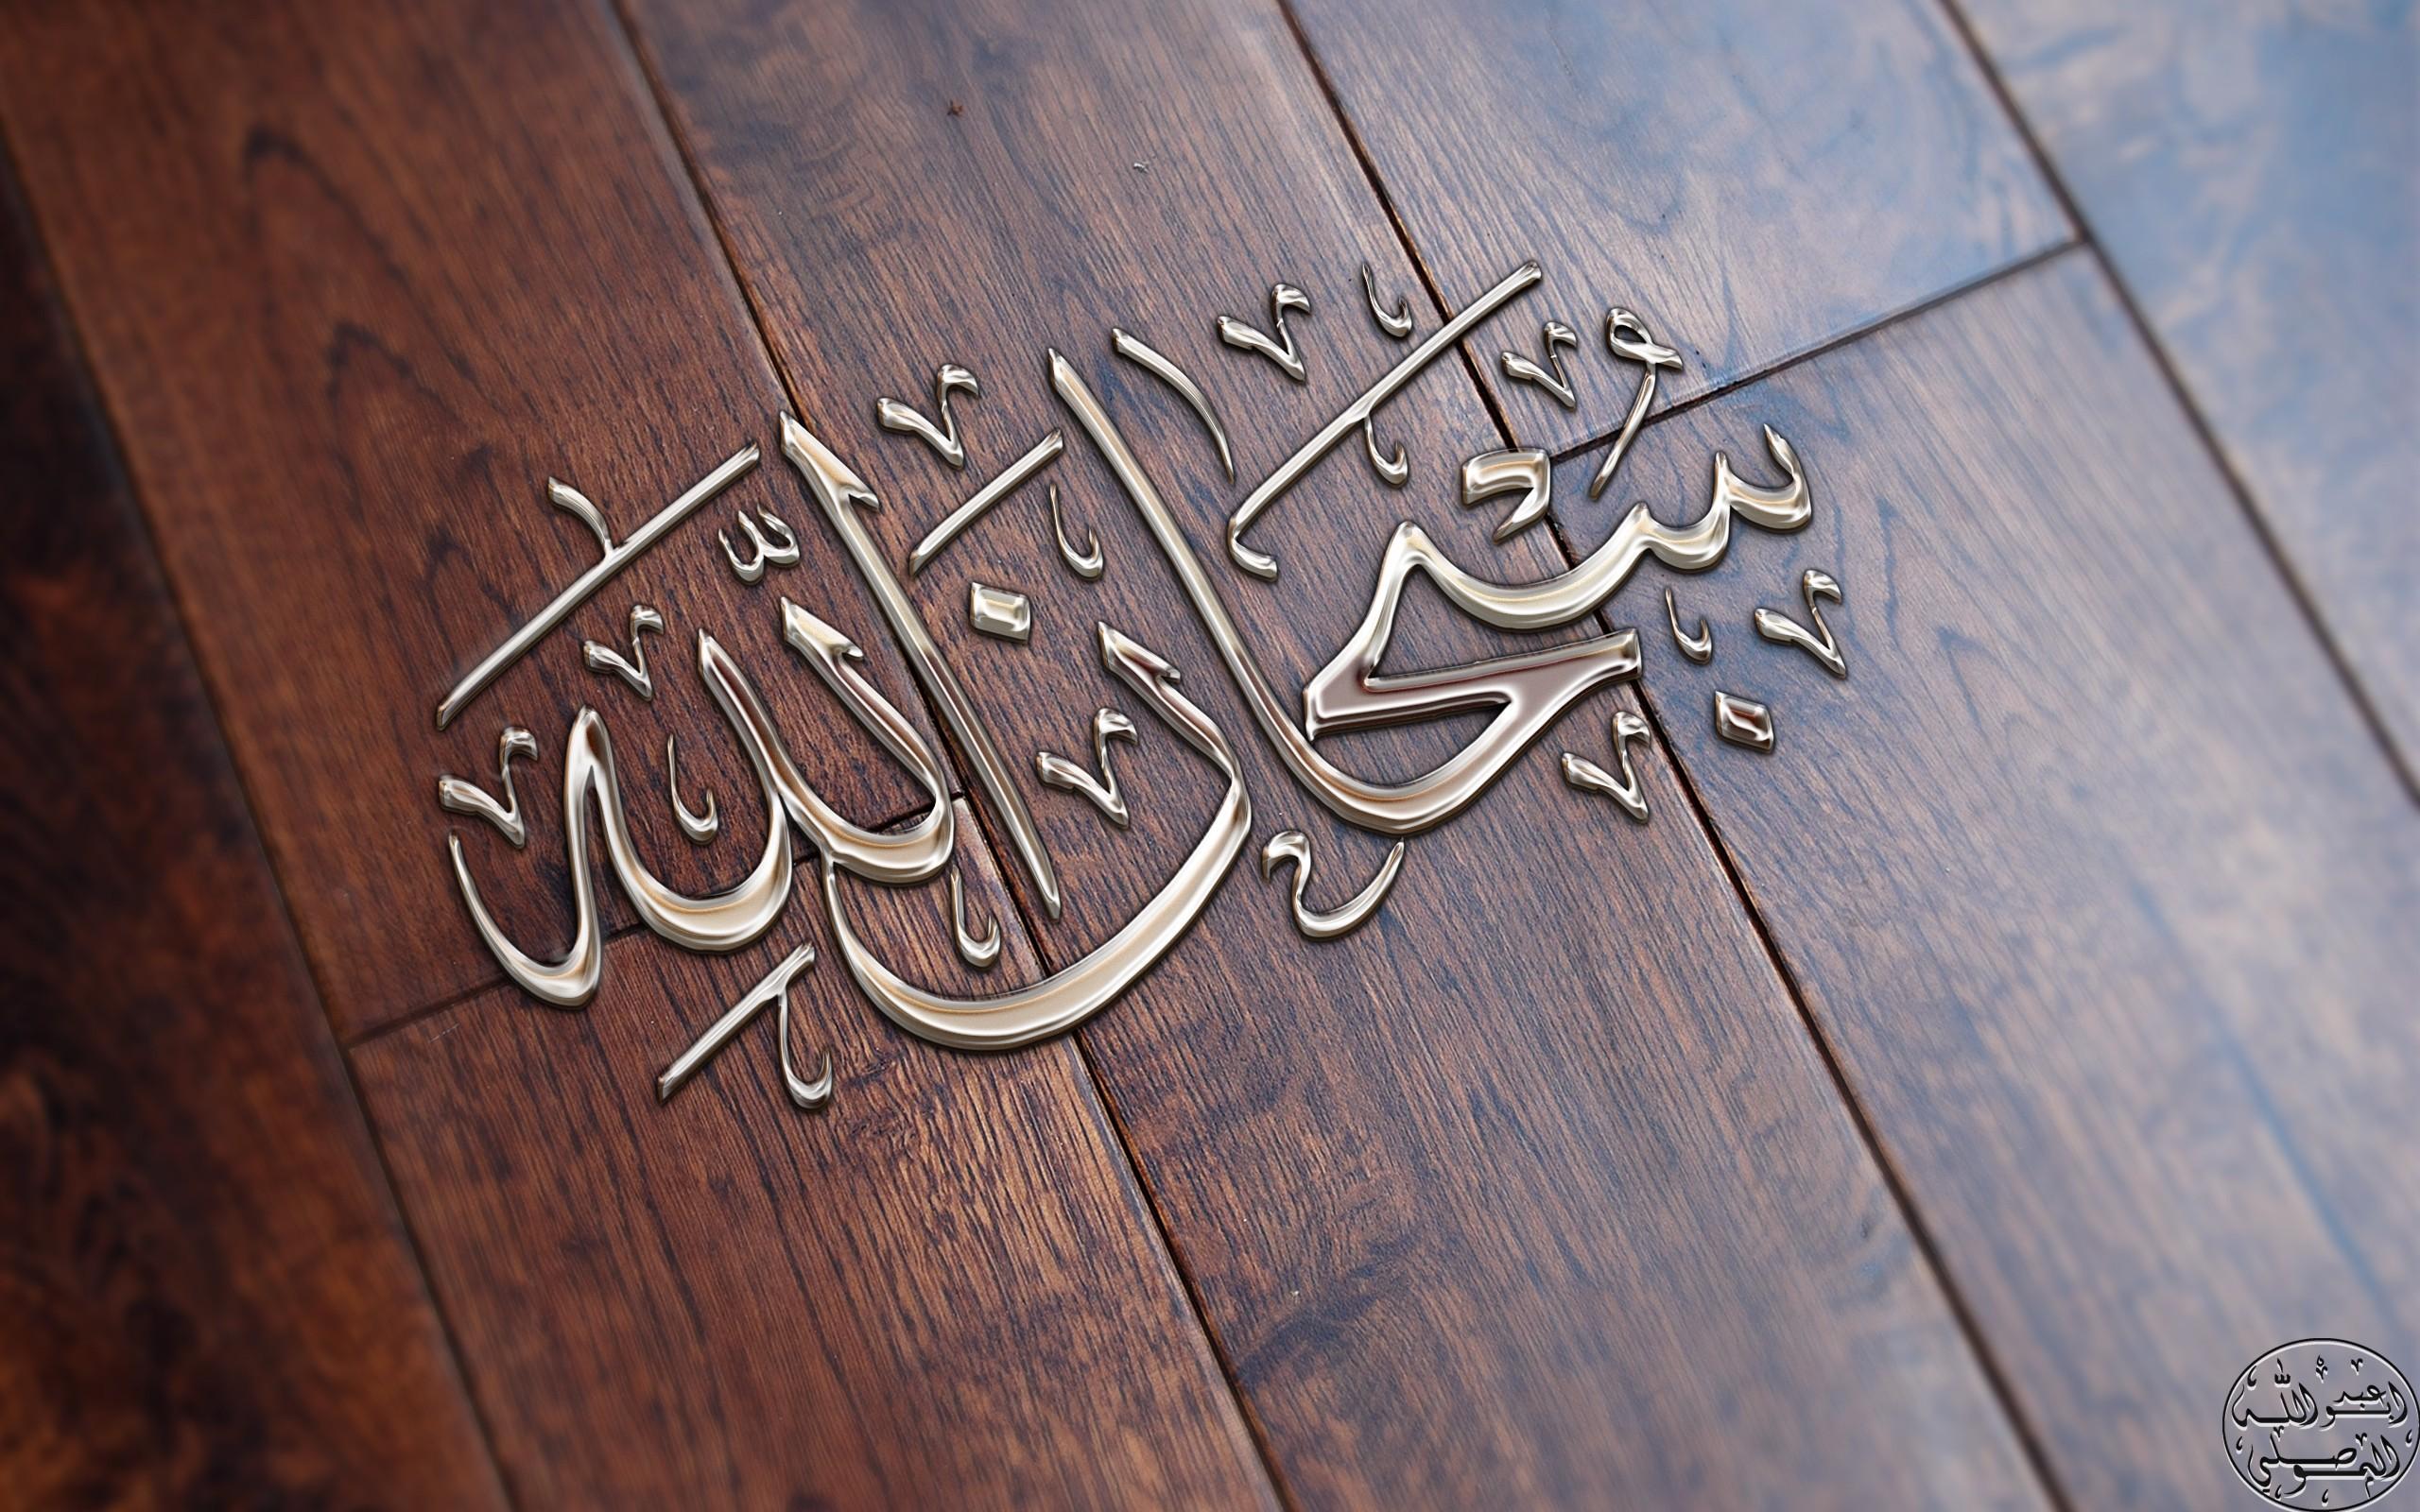 фото картинок с арабскими именами чем когда умудрились